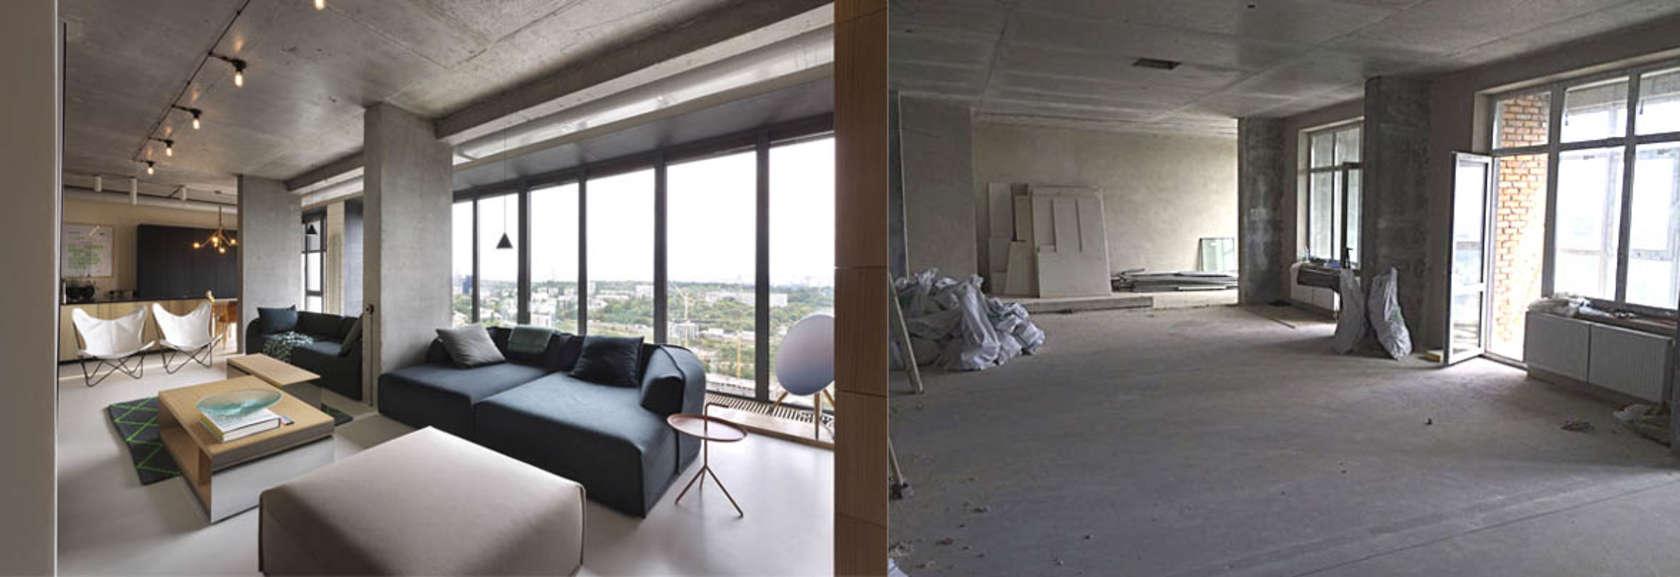 Loft Interior Interior Design Ideas